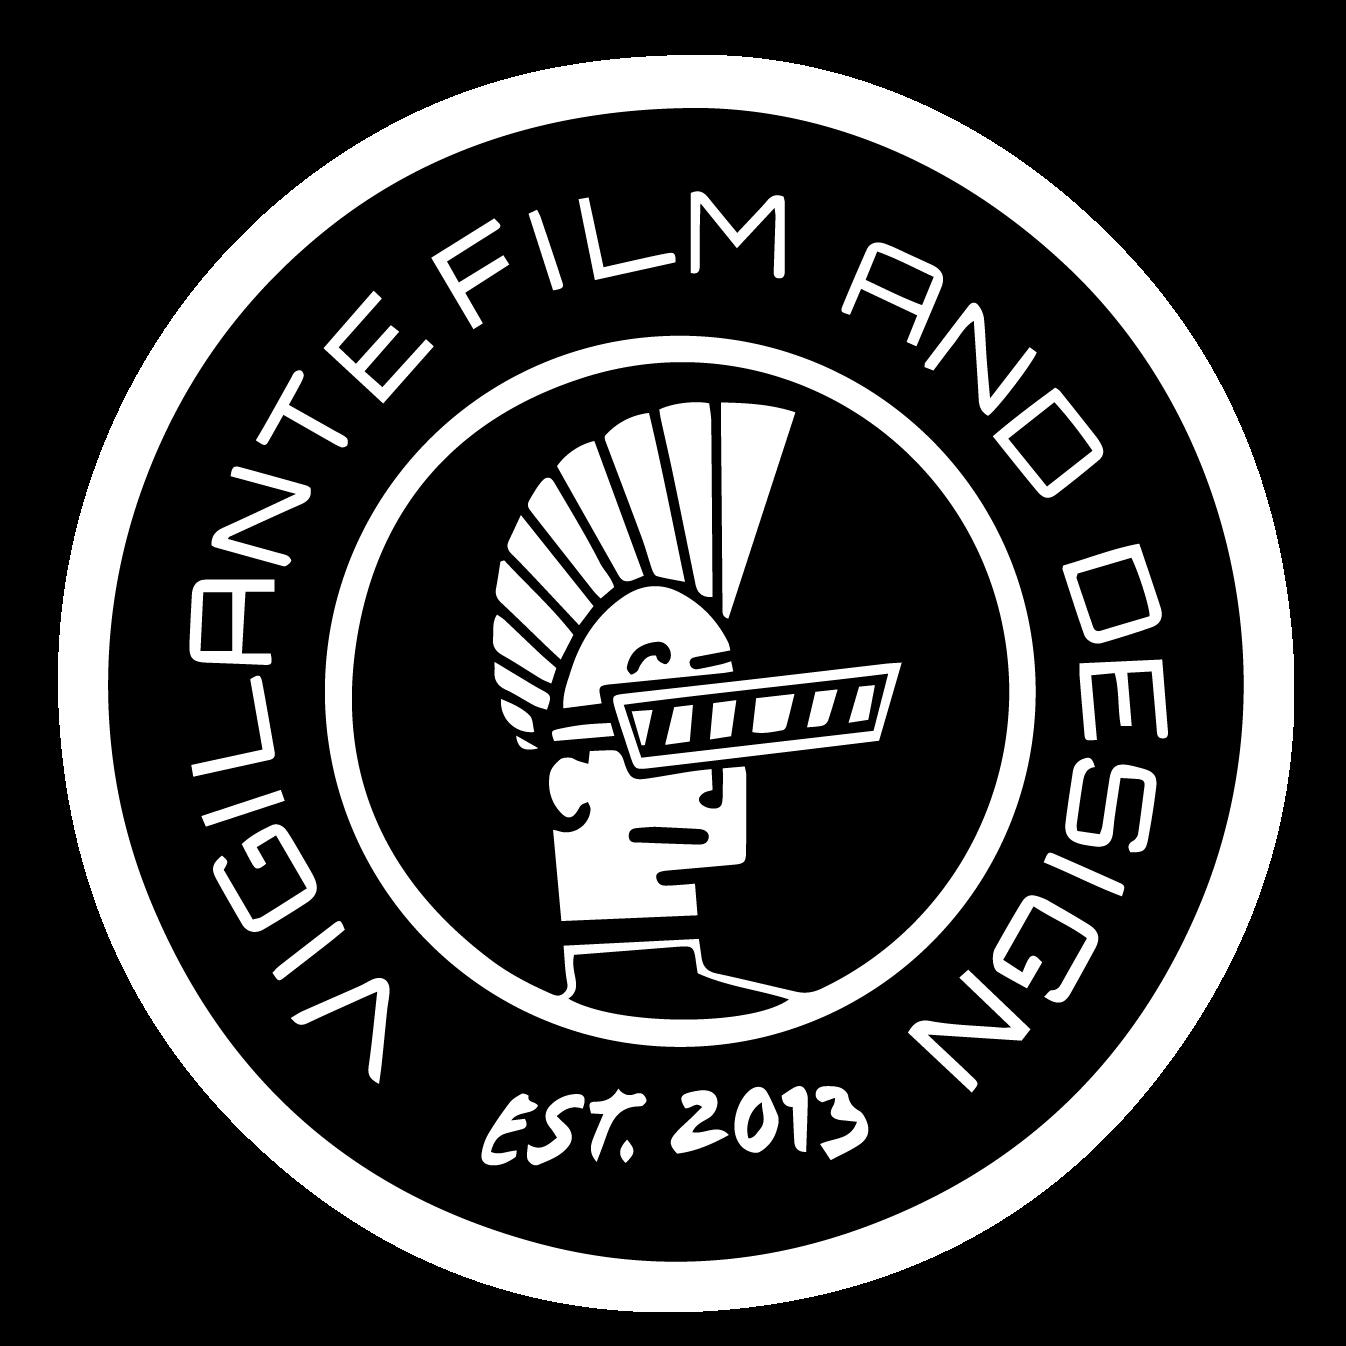 VIGILANTE FILM AND DESIGN